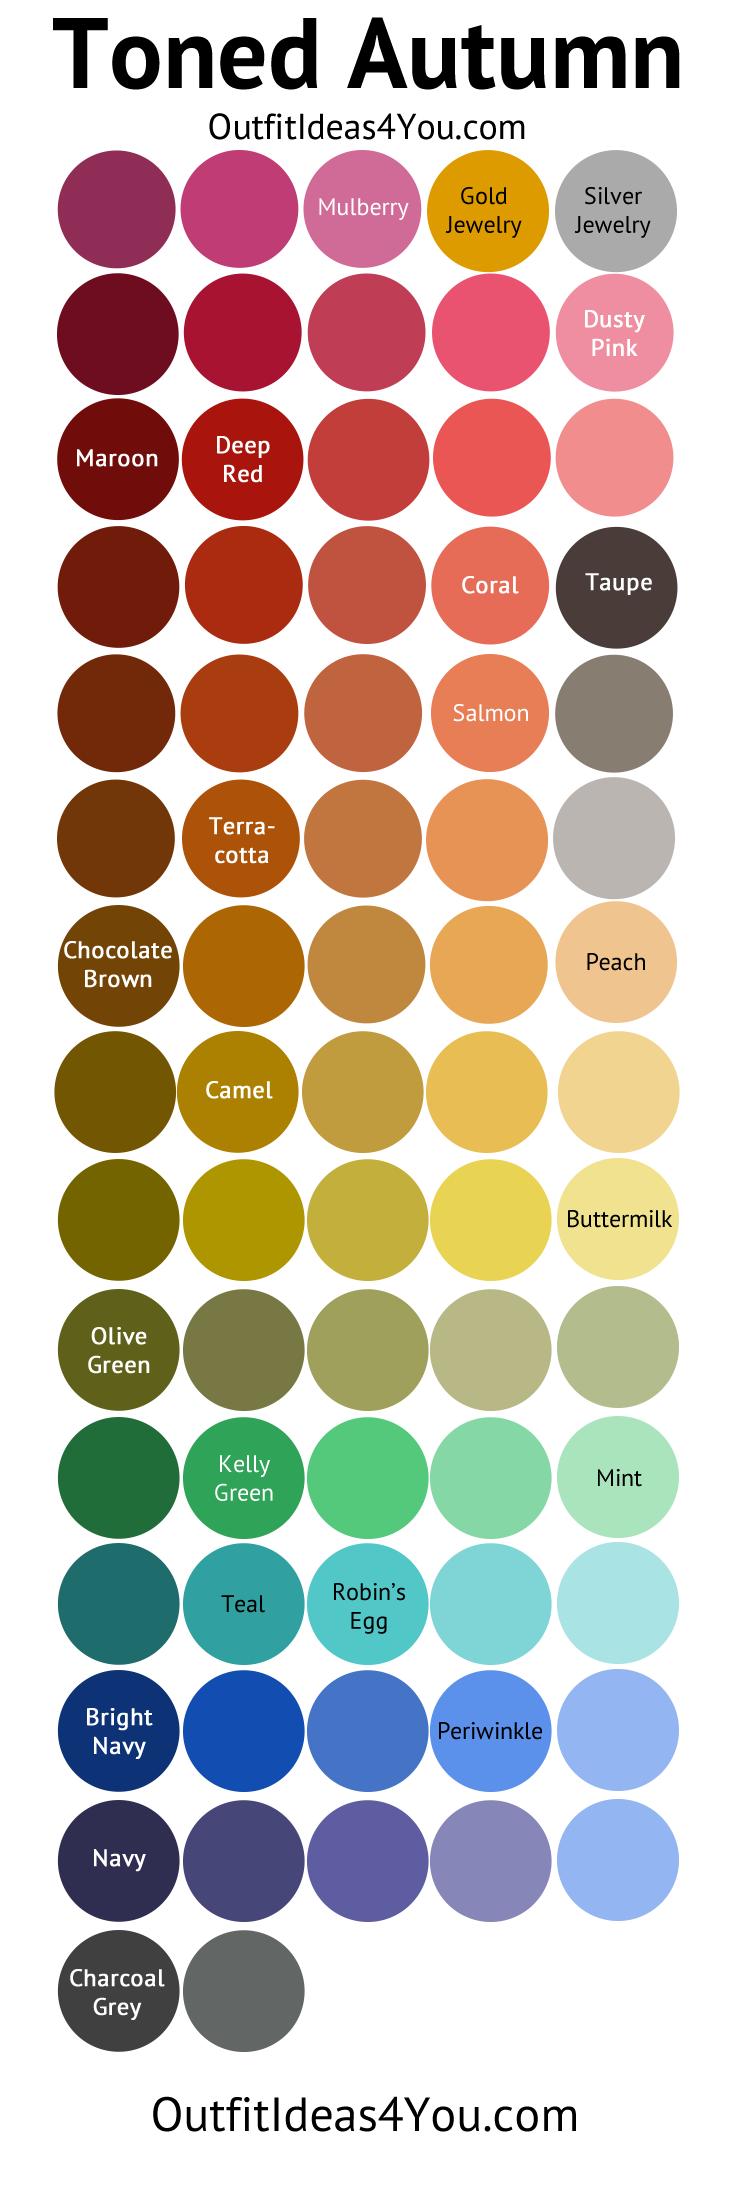 Toned Autumn Color Palette (Soft Autumn)